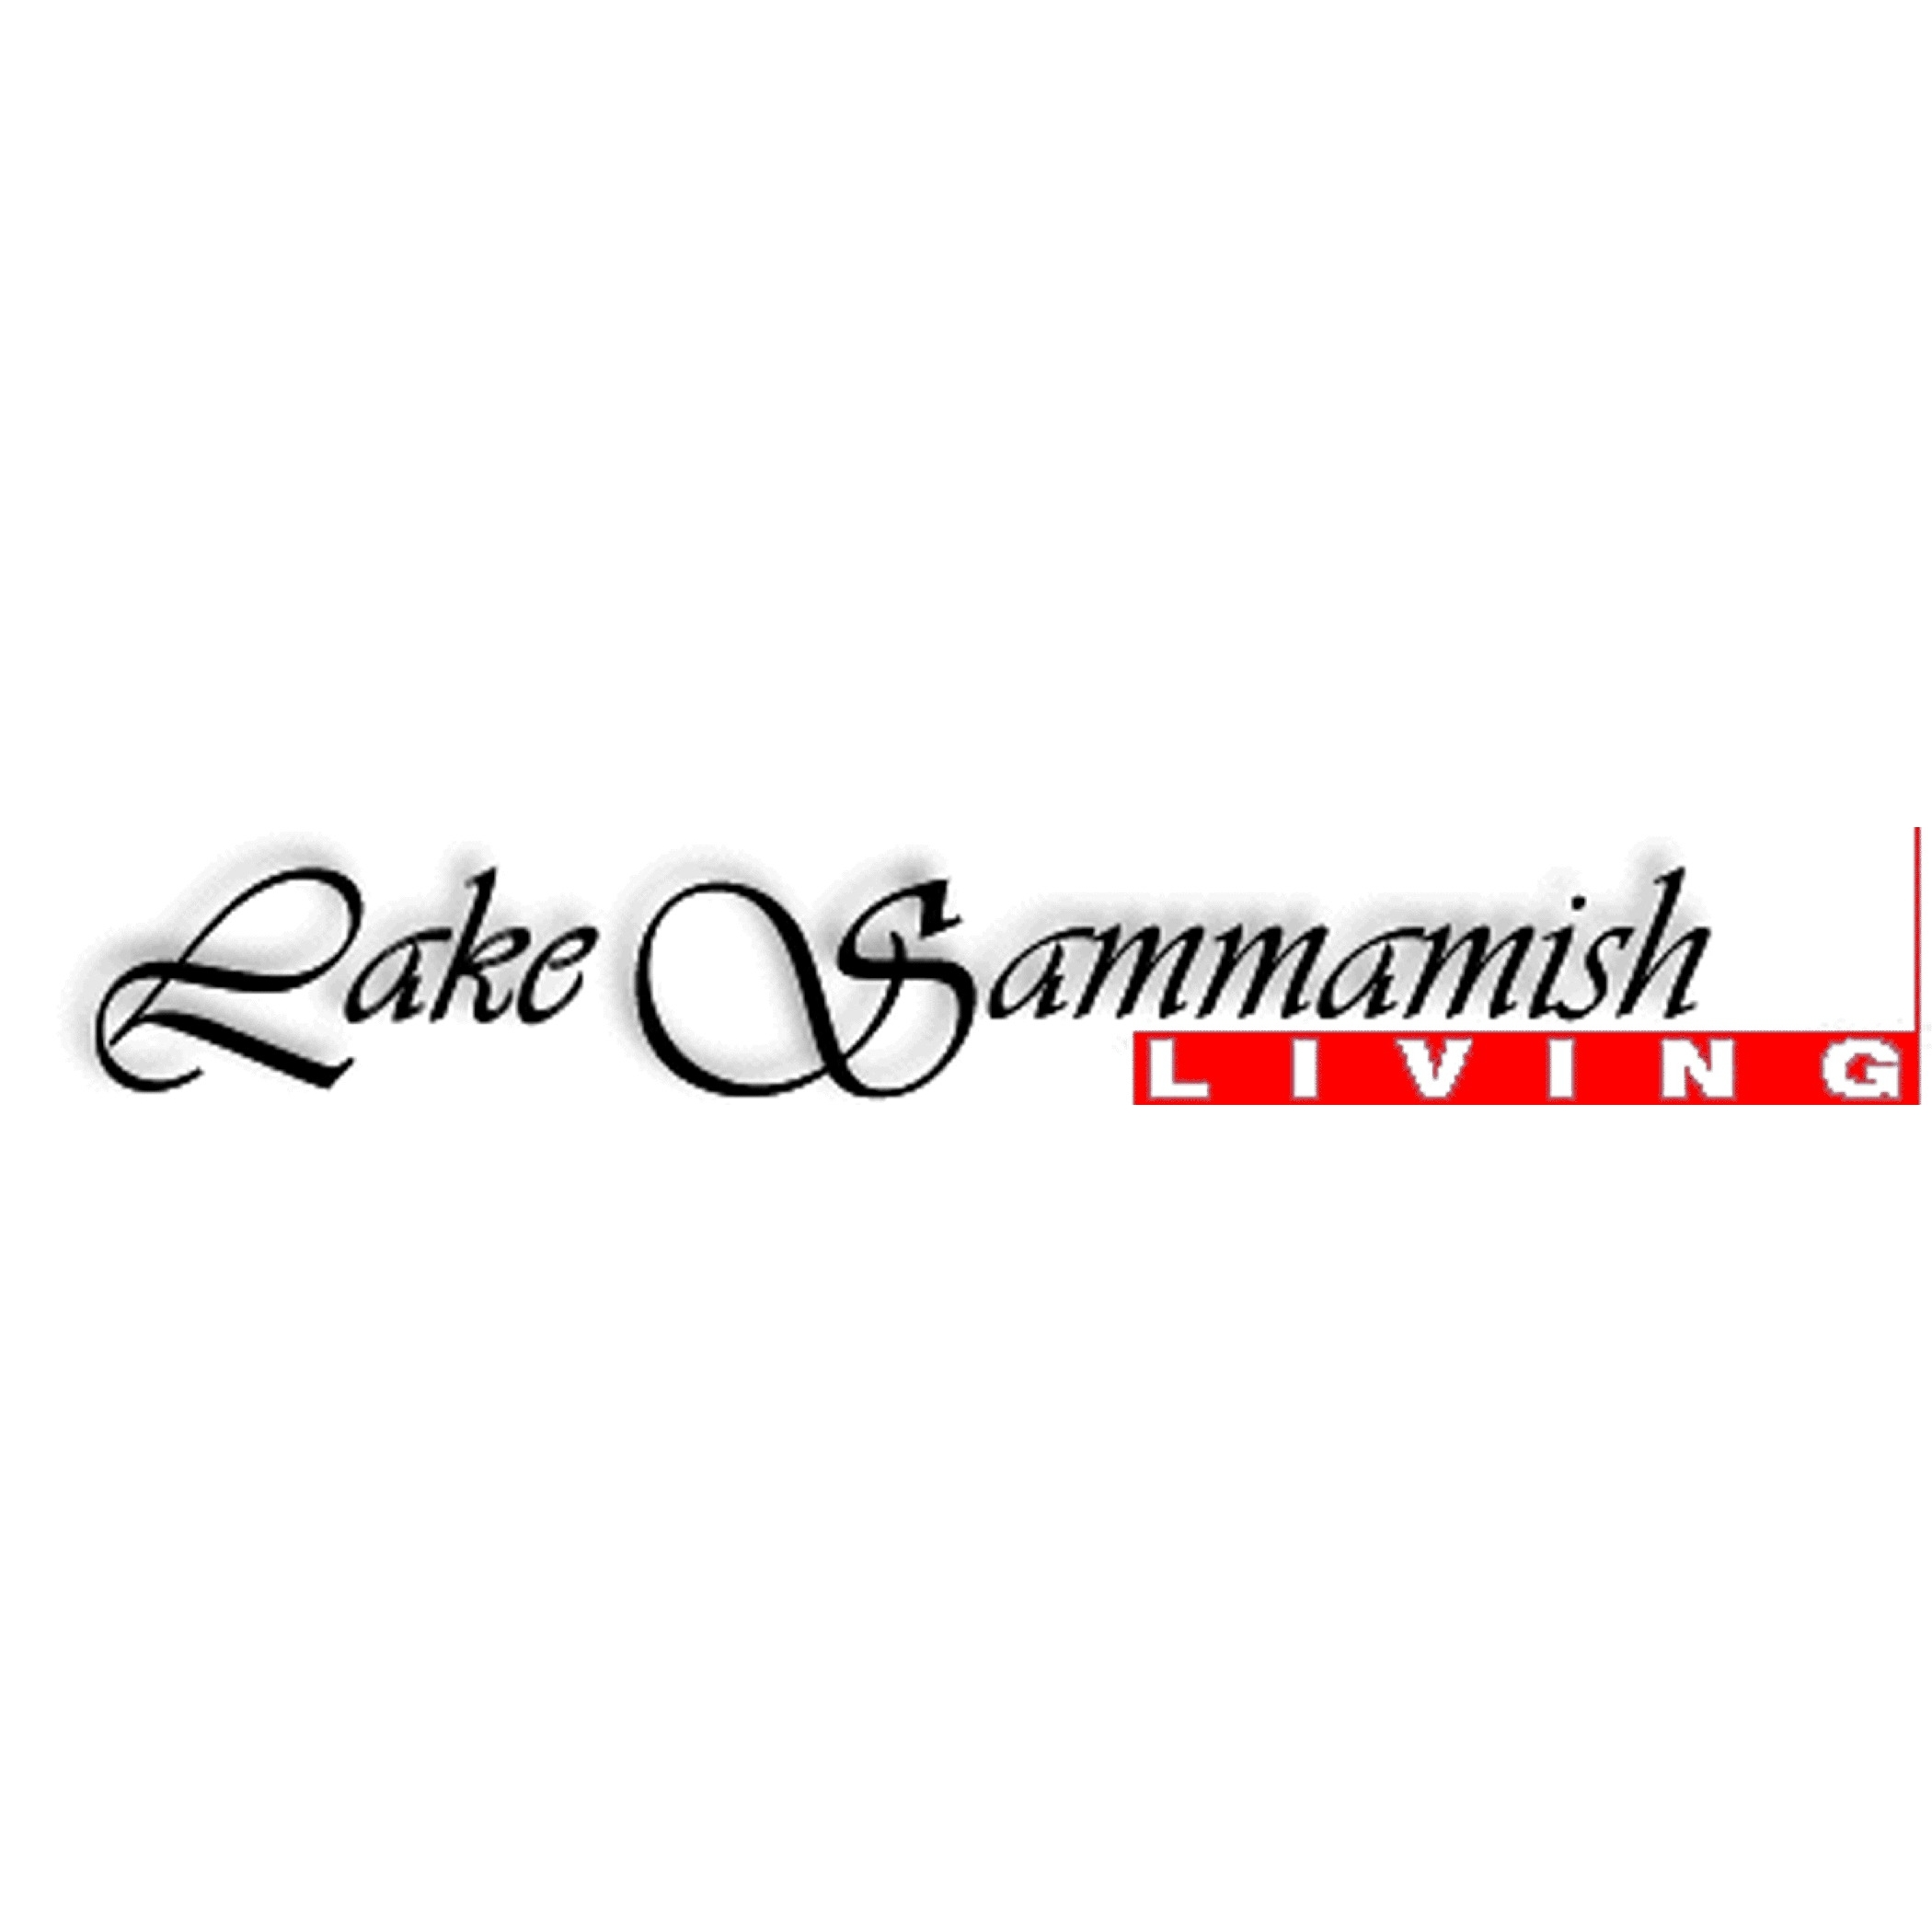 Lake Sammamish Living